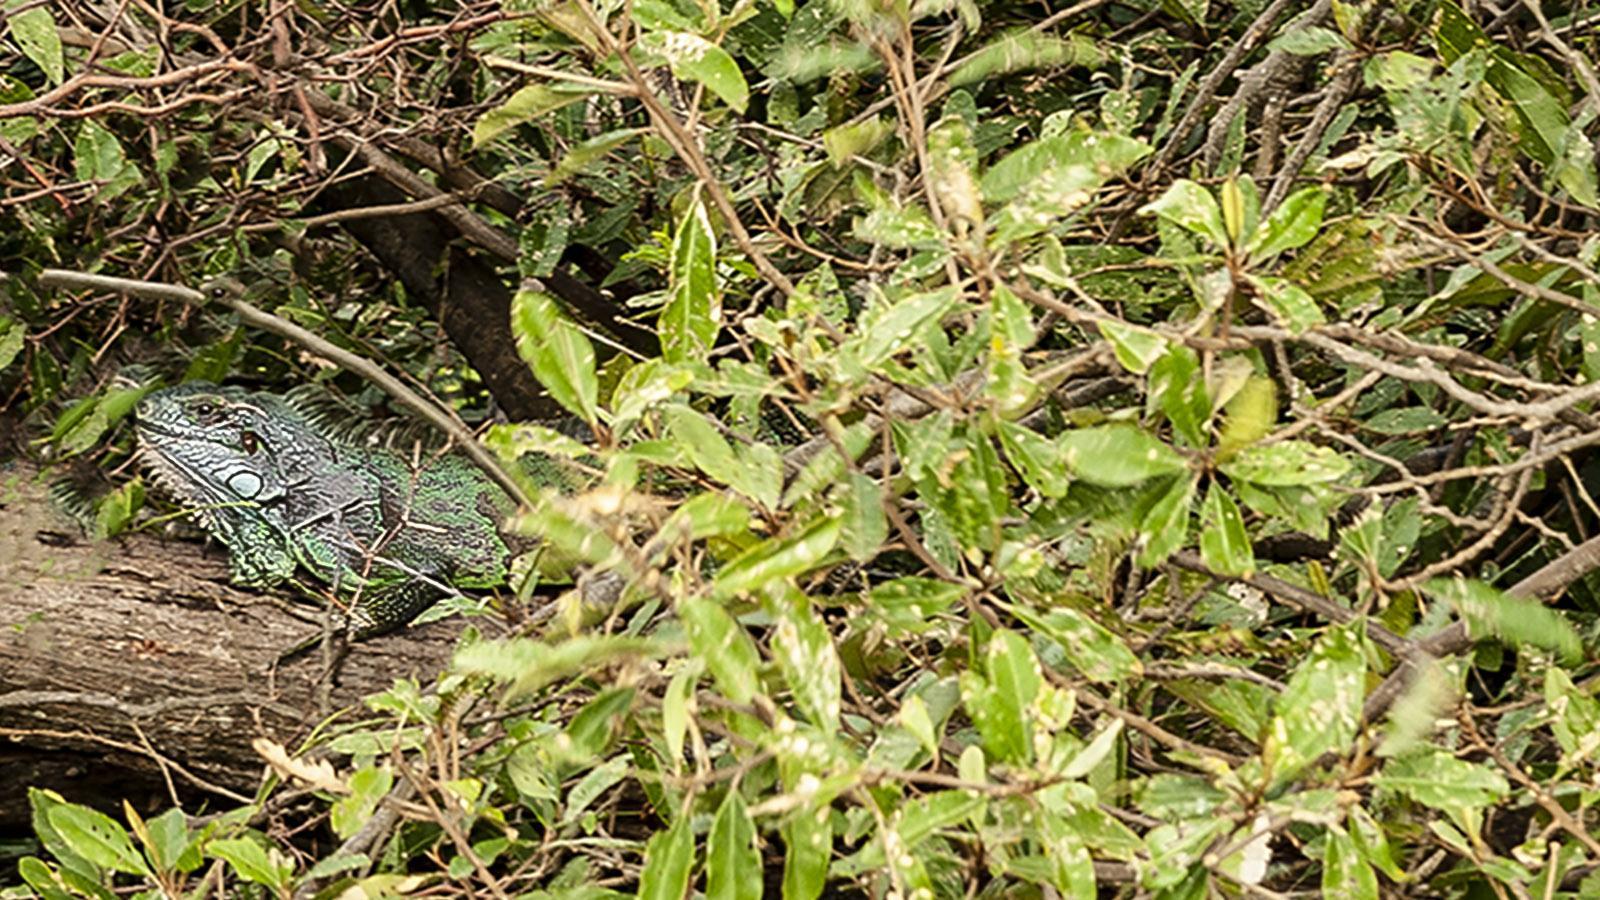 Les Saintes: Im Gebüsch am Fort Napoléon verstecken sich gerne die Leguane der Insel. Foto: Hilke Maunder